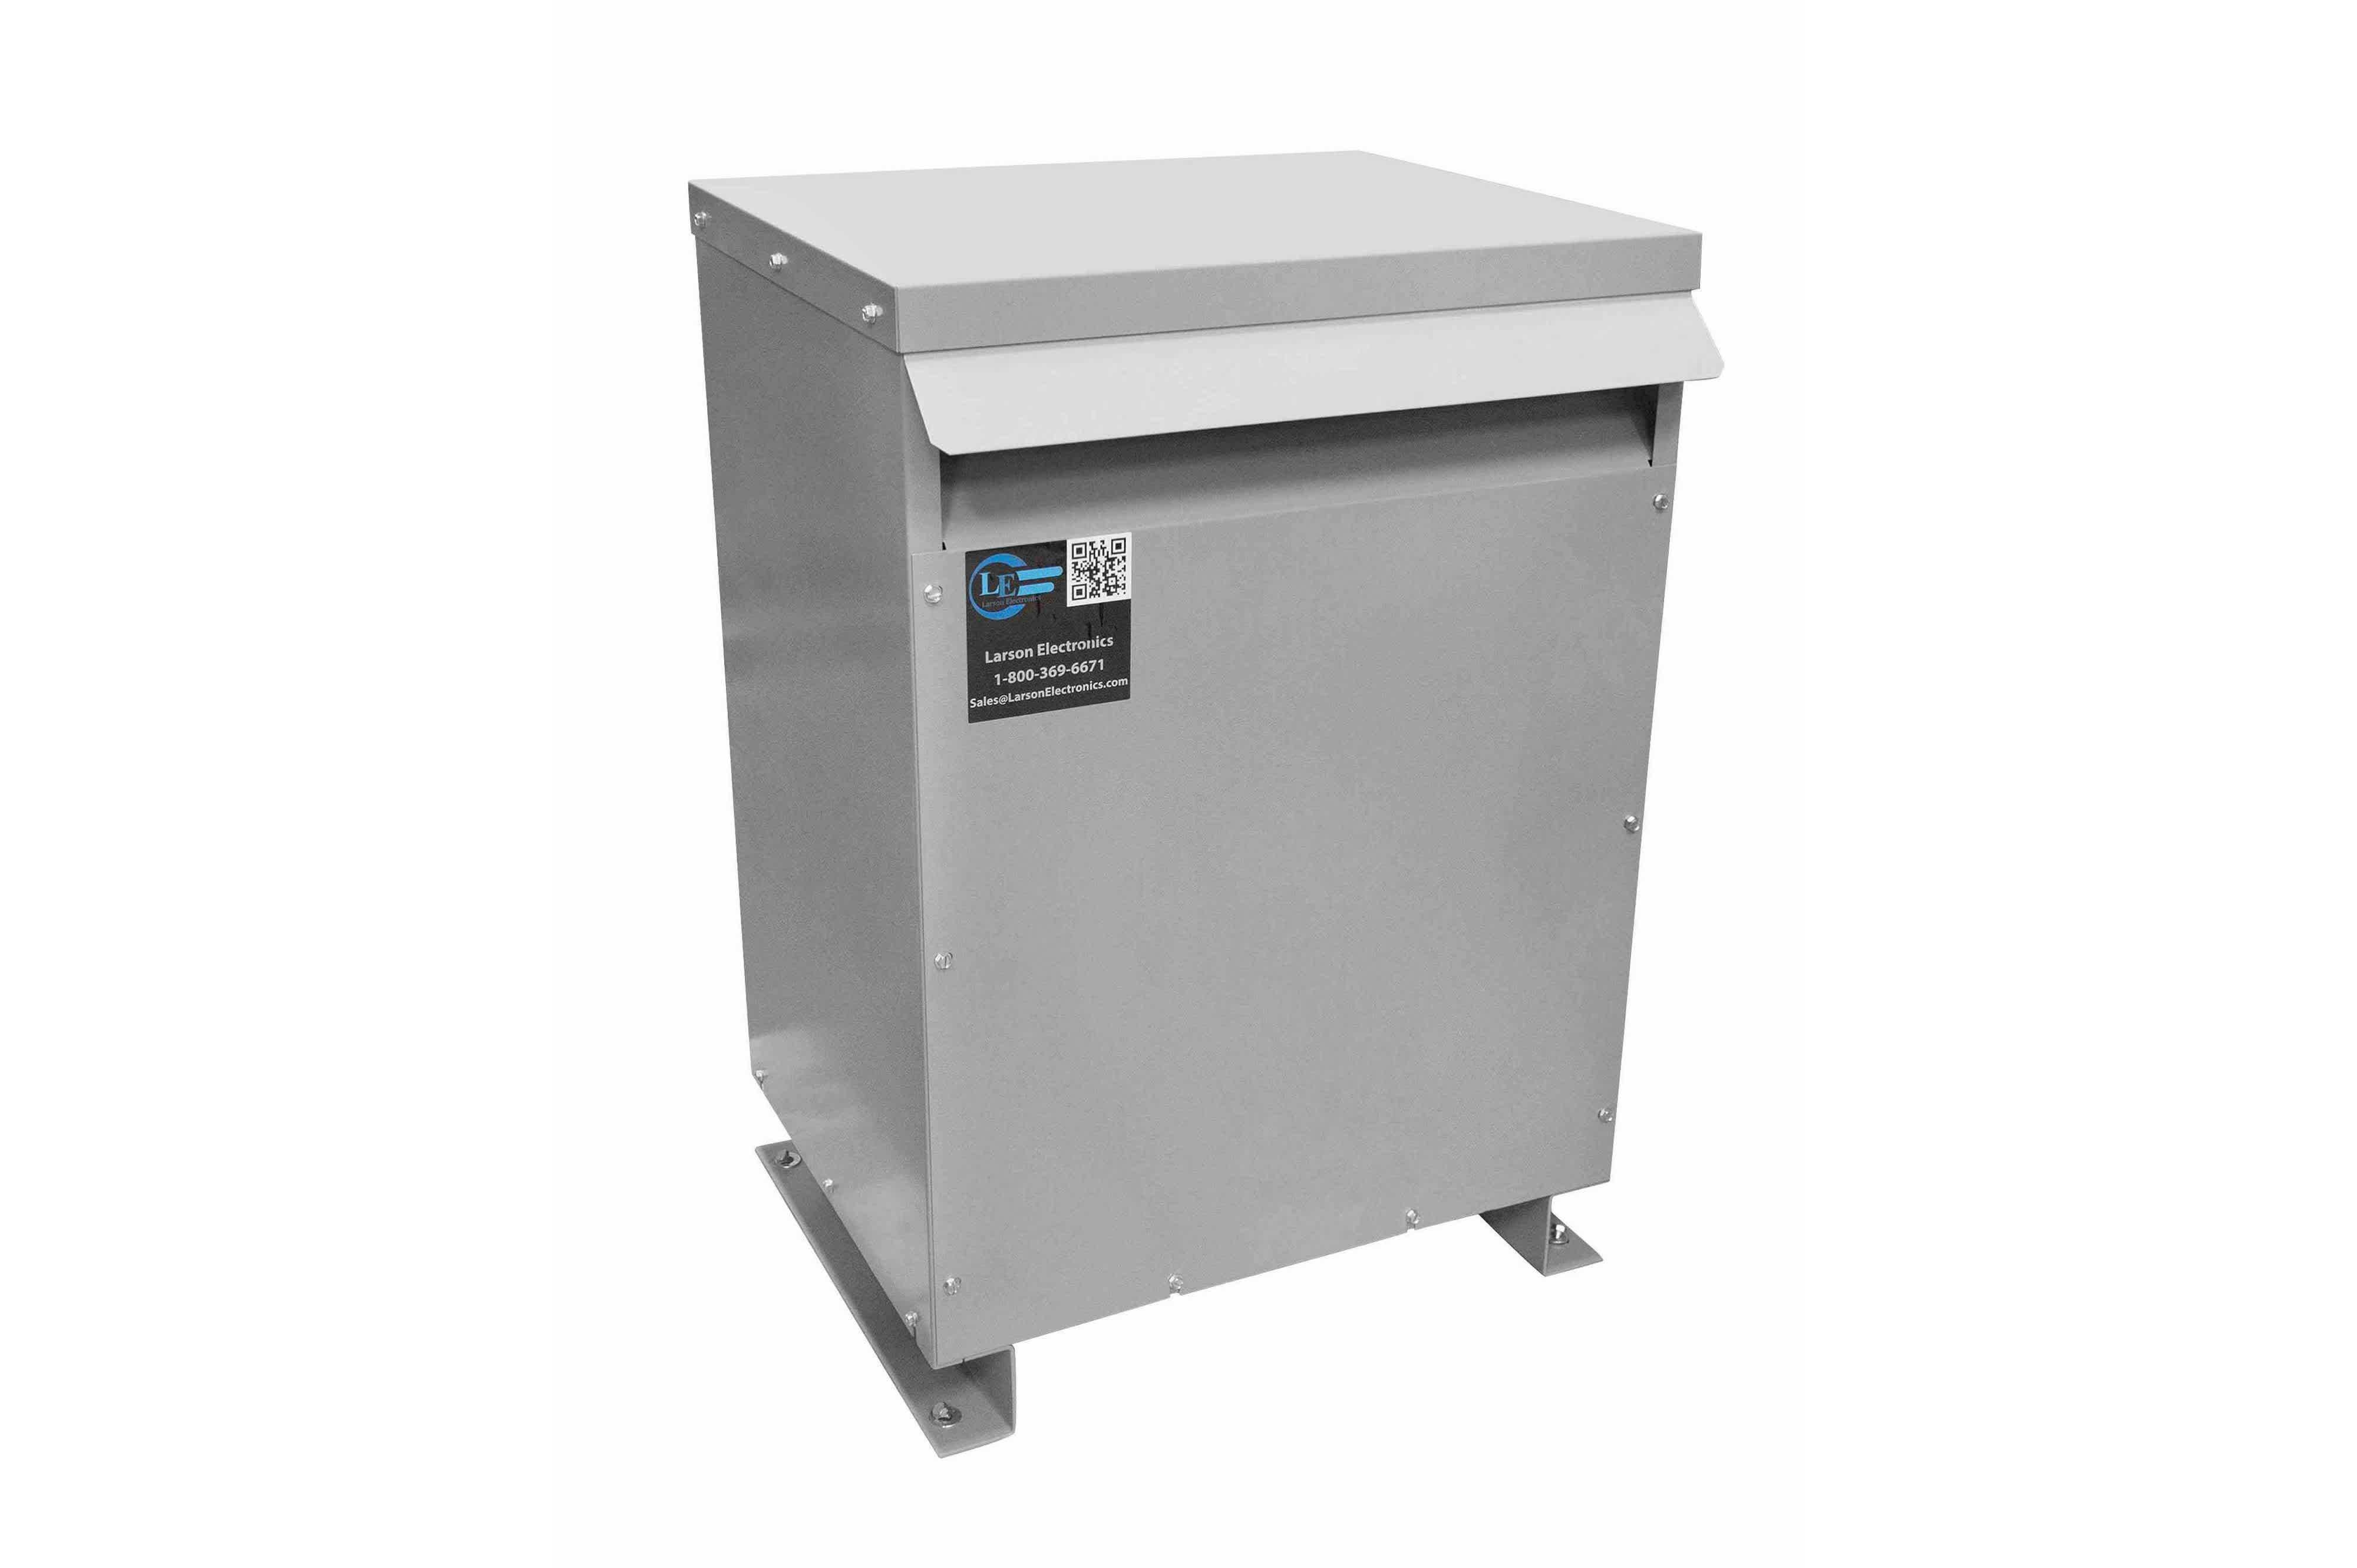 115 kVA 3PH Isolation Transformer, 240V Delta Primary, 480V Delta Secondary, N3R, Ventilated, 60 Hz